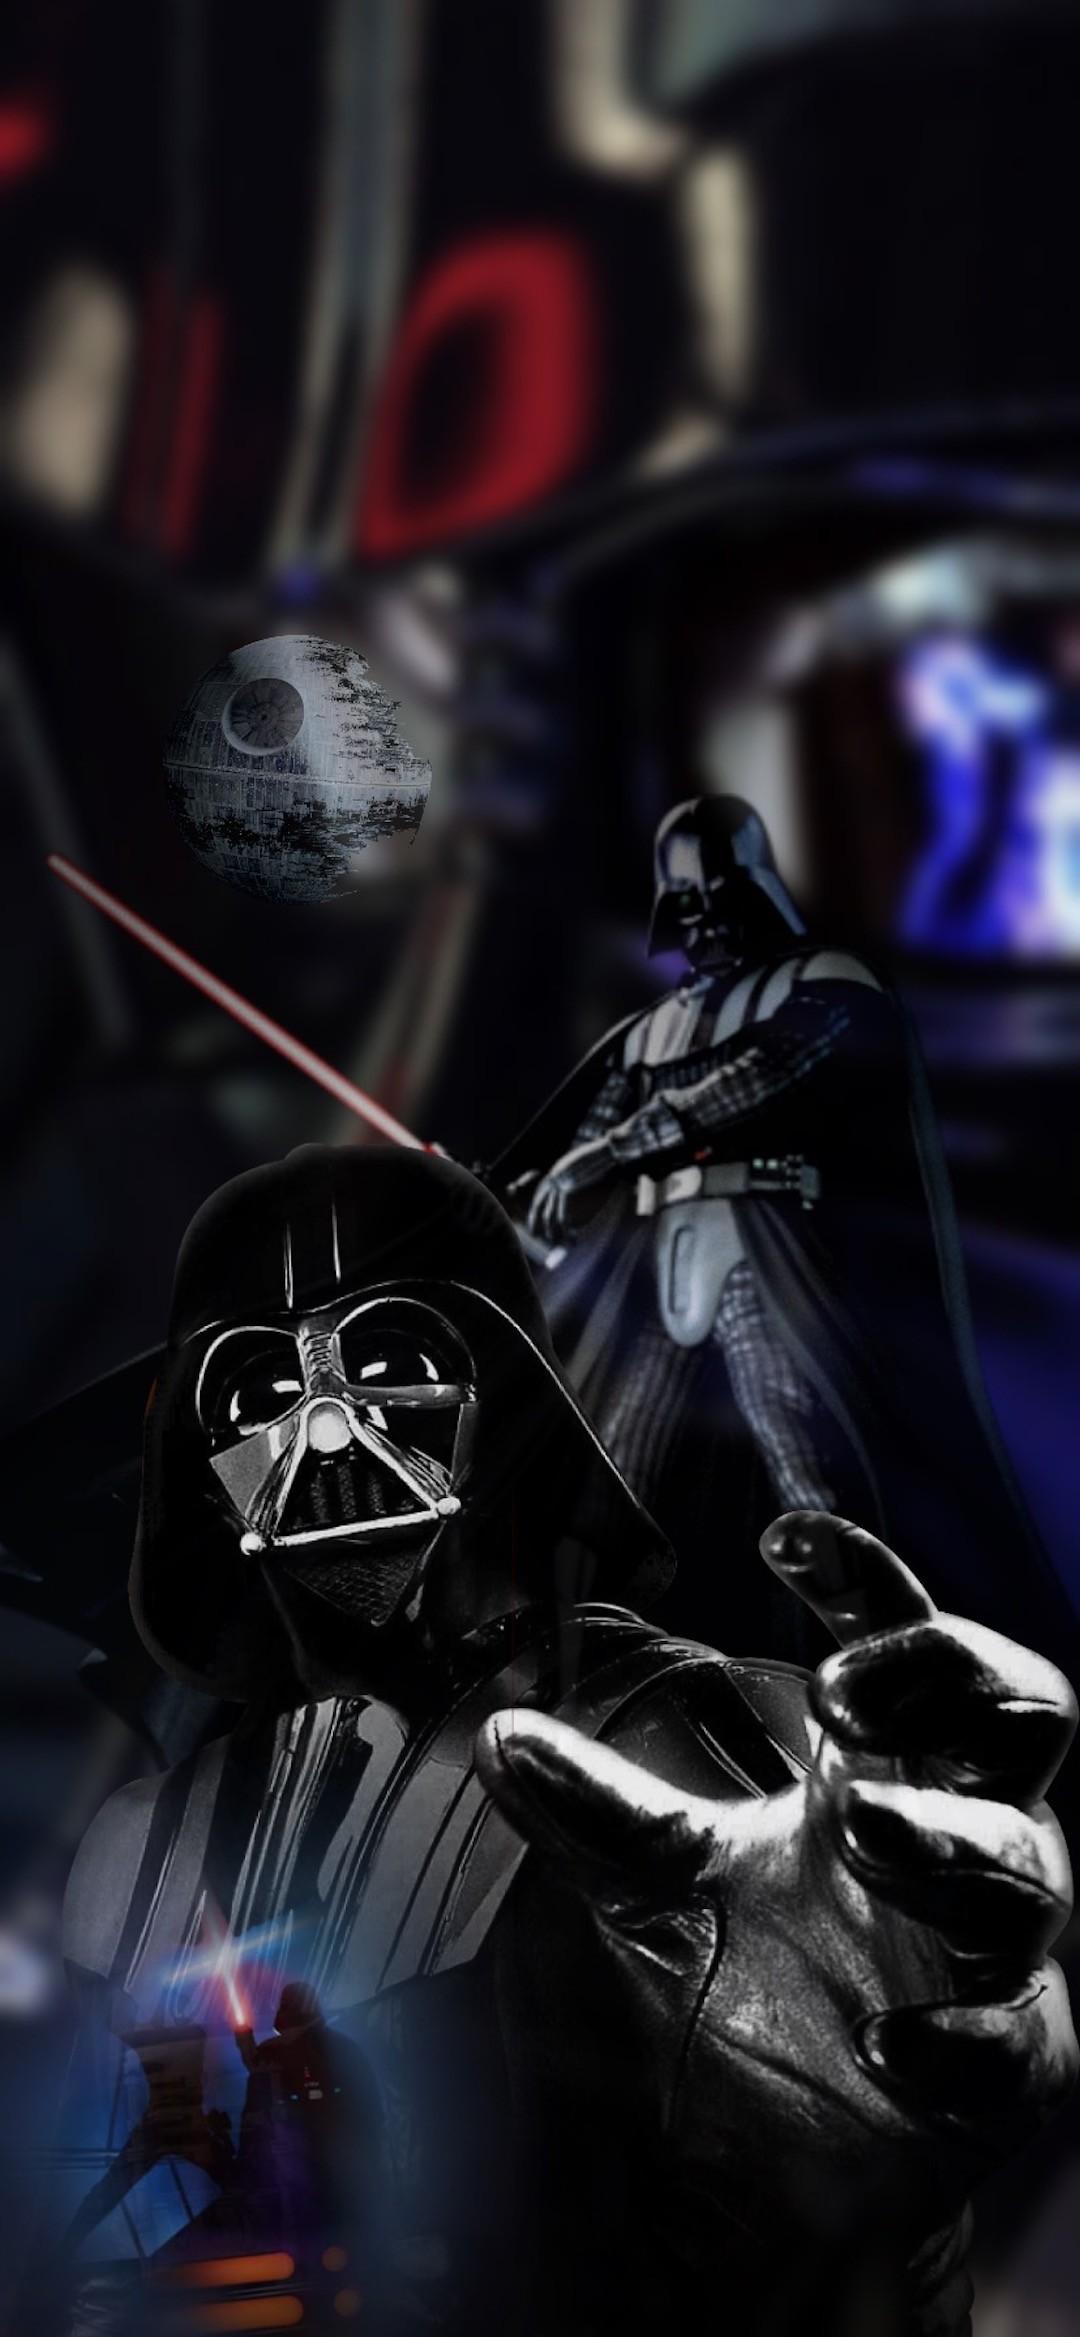 Star Wars Lock Screen Wallpaper 78 Images